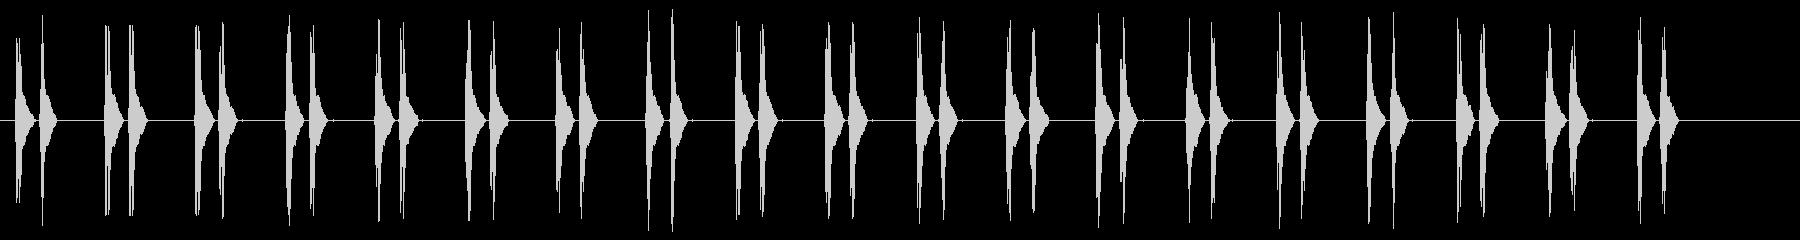 ハートビート1-通常レートの未再生の波形